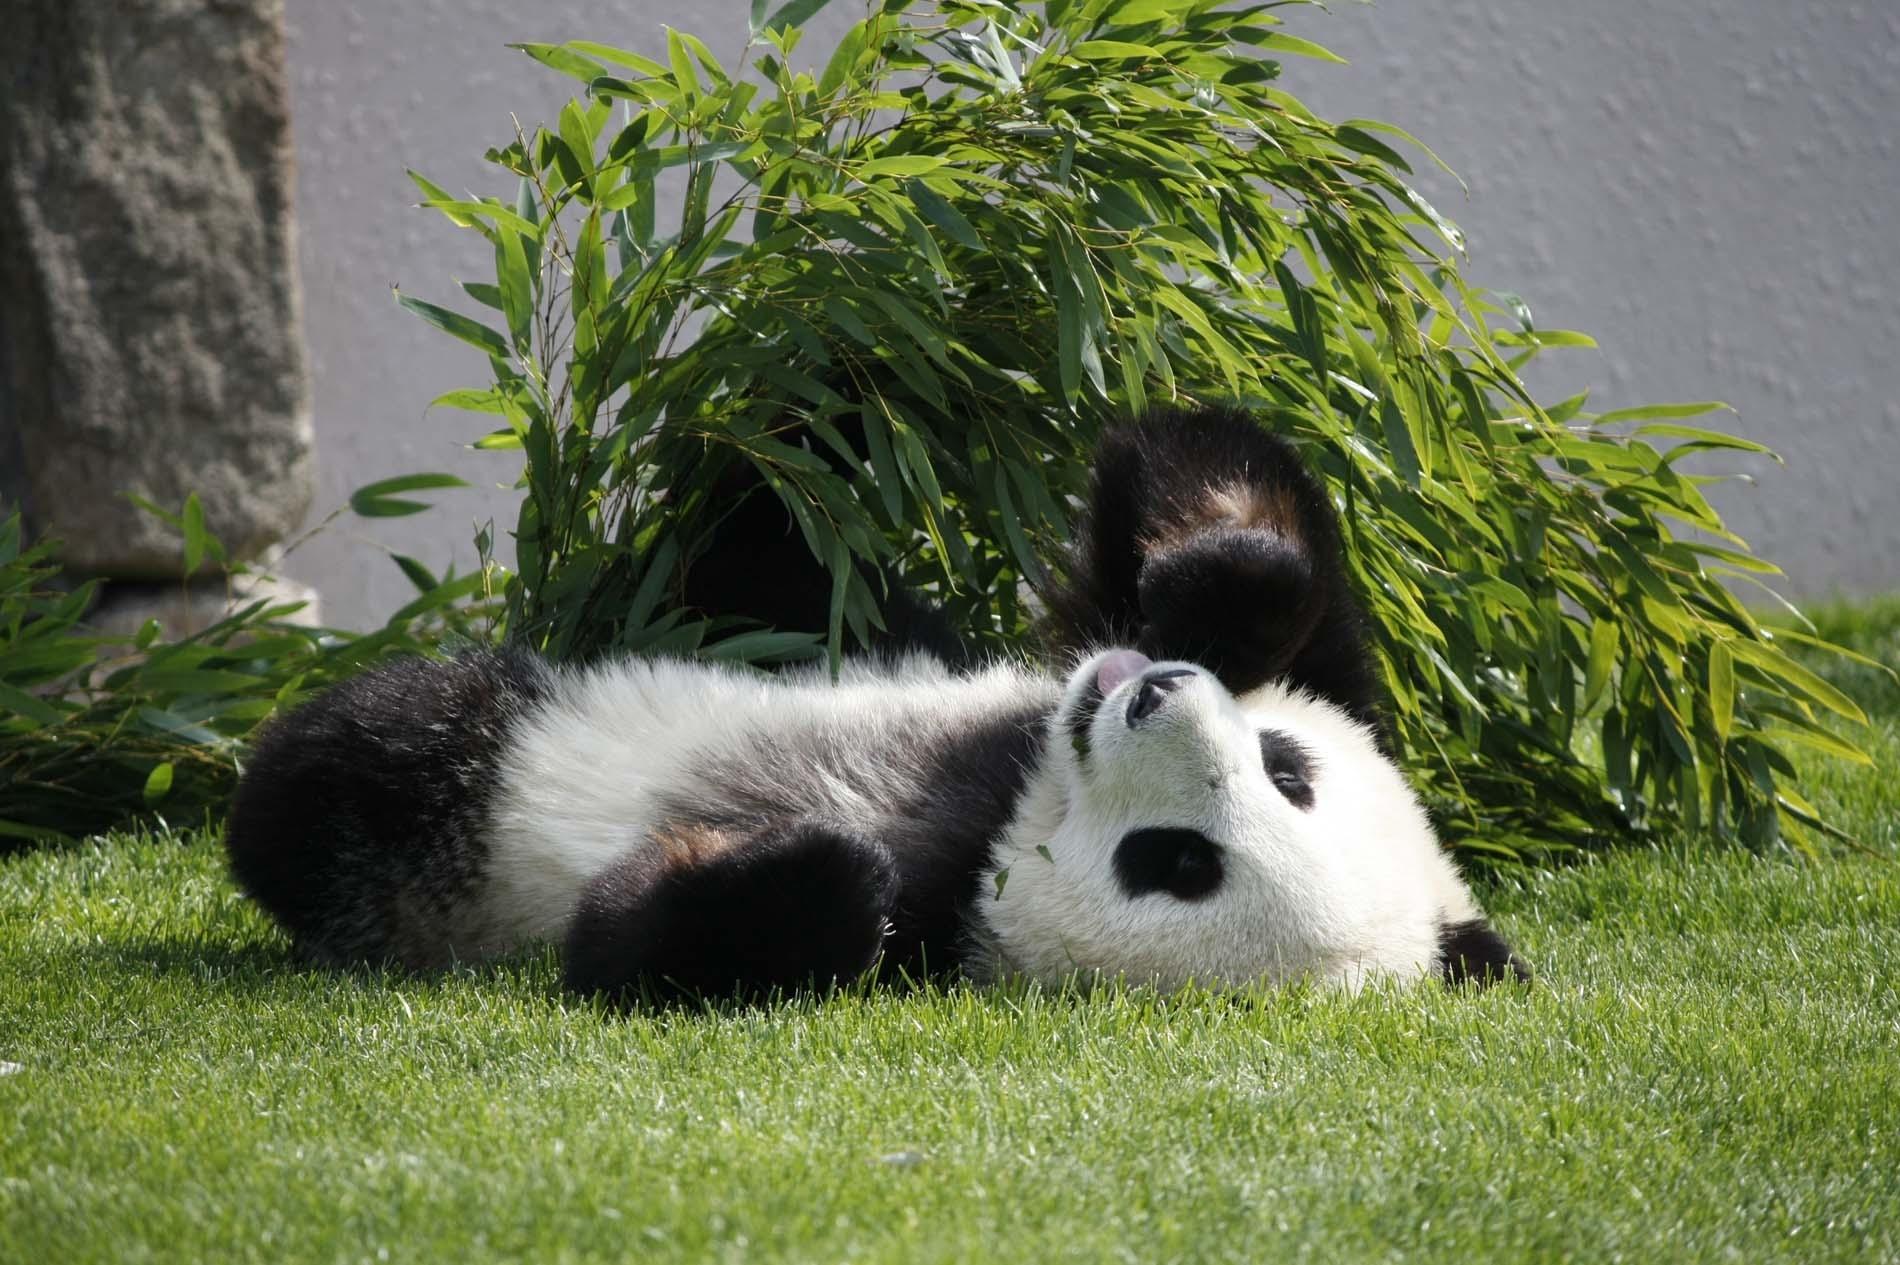 133287 Hintergrundbild 128x160 kostenlos auf deinem Handy, lade Bilder Tiere, Grass, Sich Hinlegen, Liegen, Panda 128x160 auf dein Handy herunter